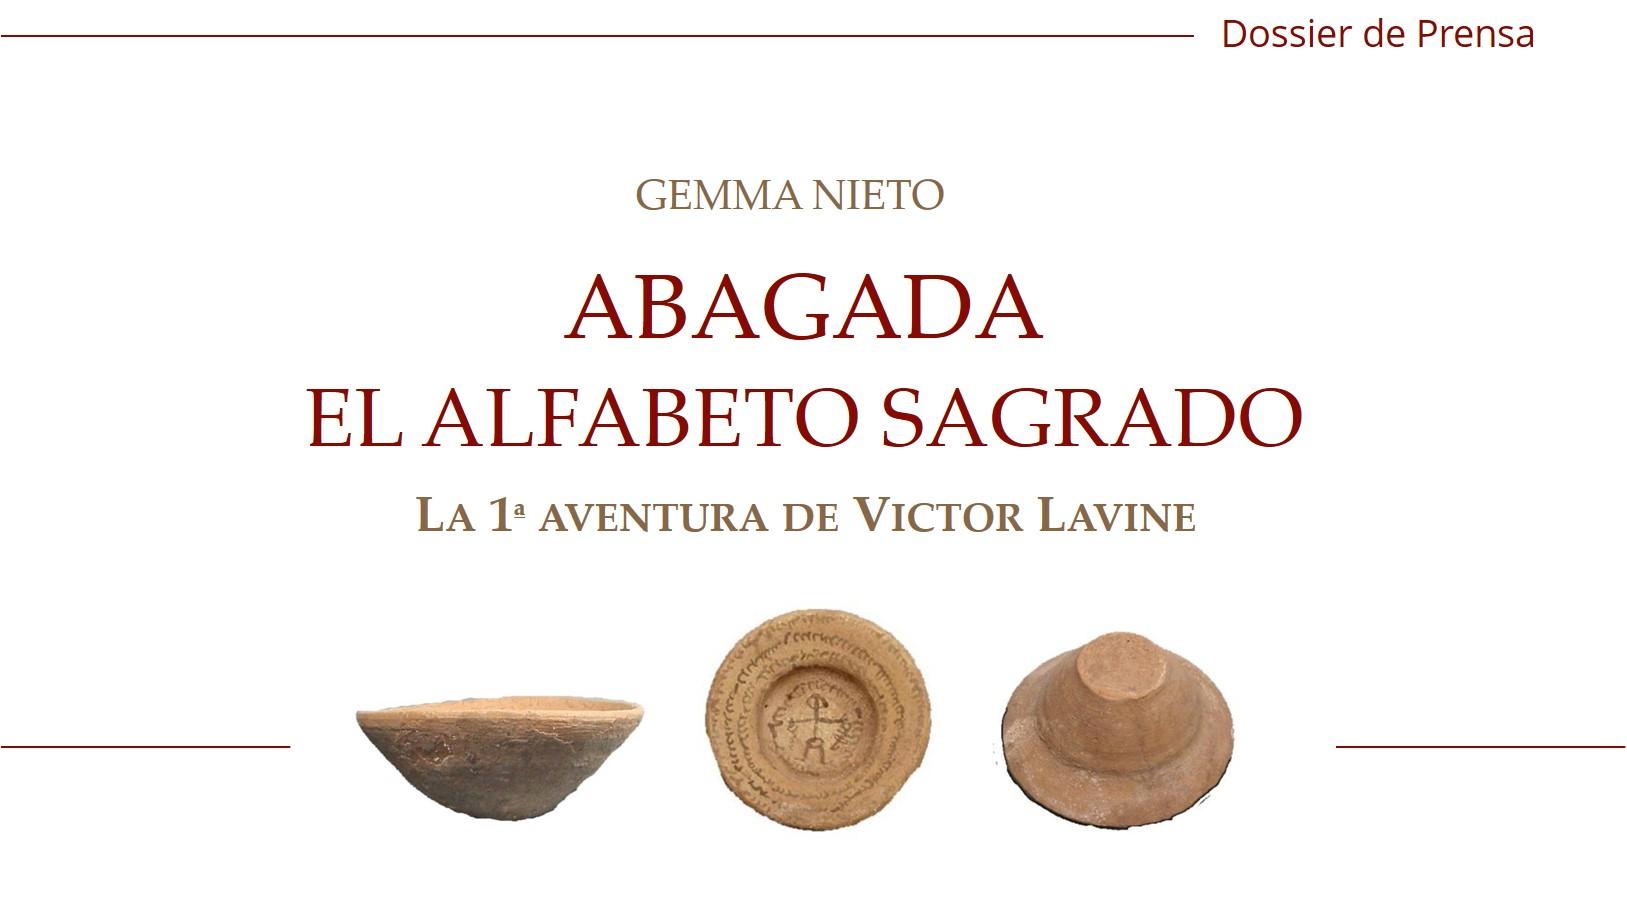 """Dossier de prensa de la novela """"Abagada, el alfabeto sagrado"""", escrita por Gemma Nieto y con Victor Lavine como protagonista"""